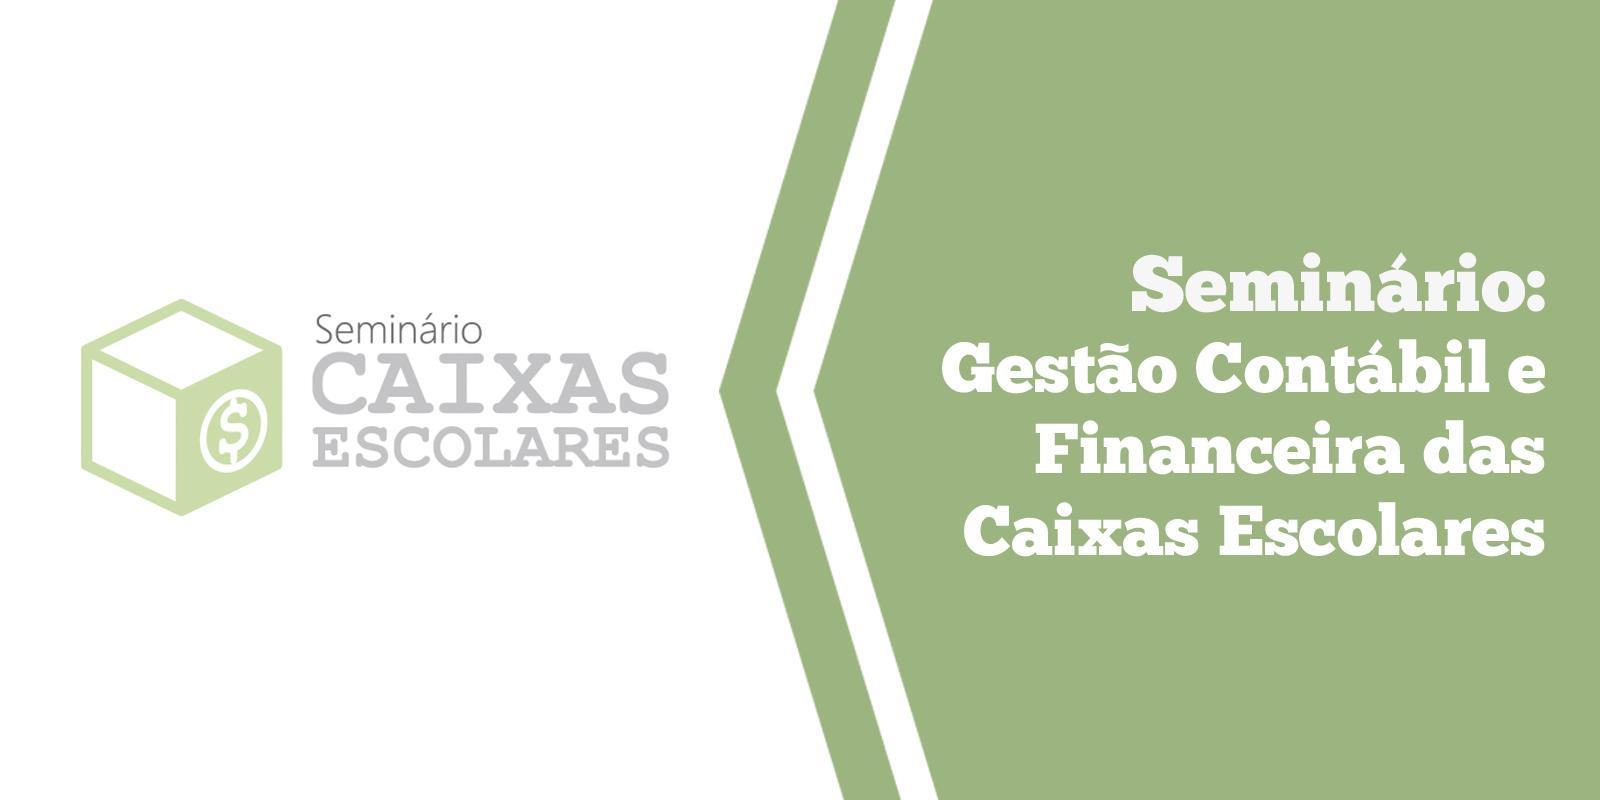 Seminário: Gestão Contábil e Financeira das Caixas Escolares